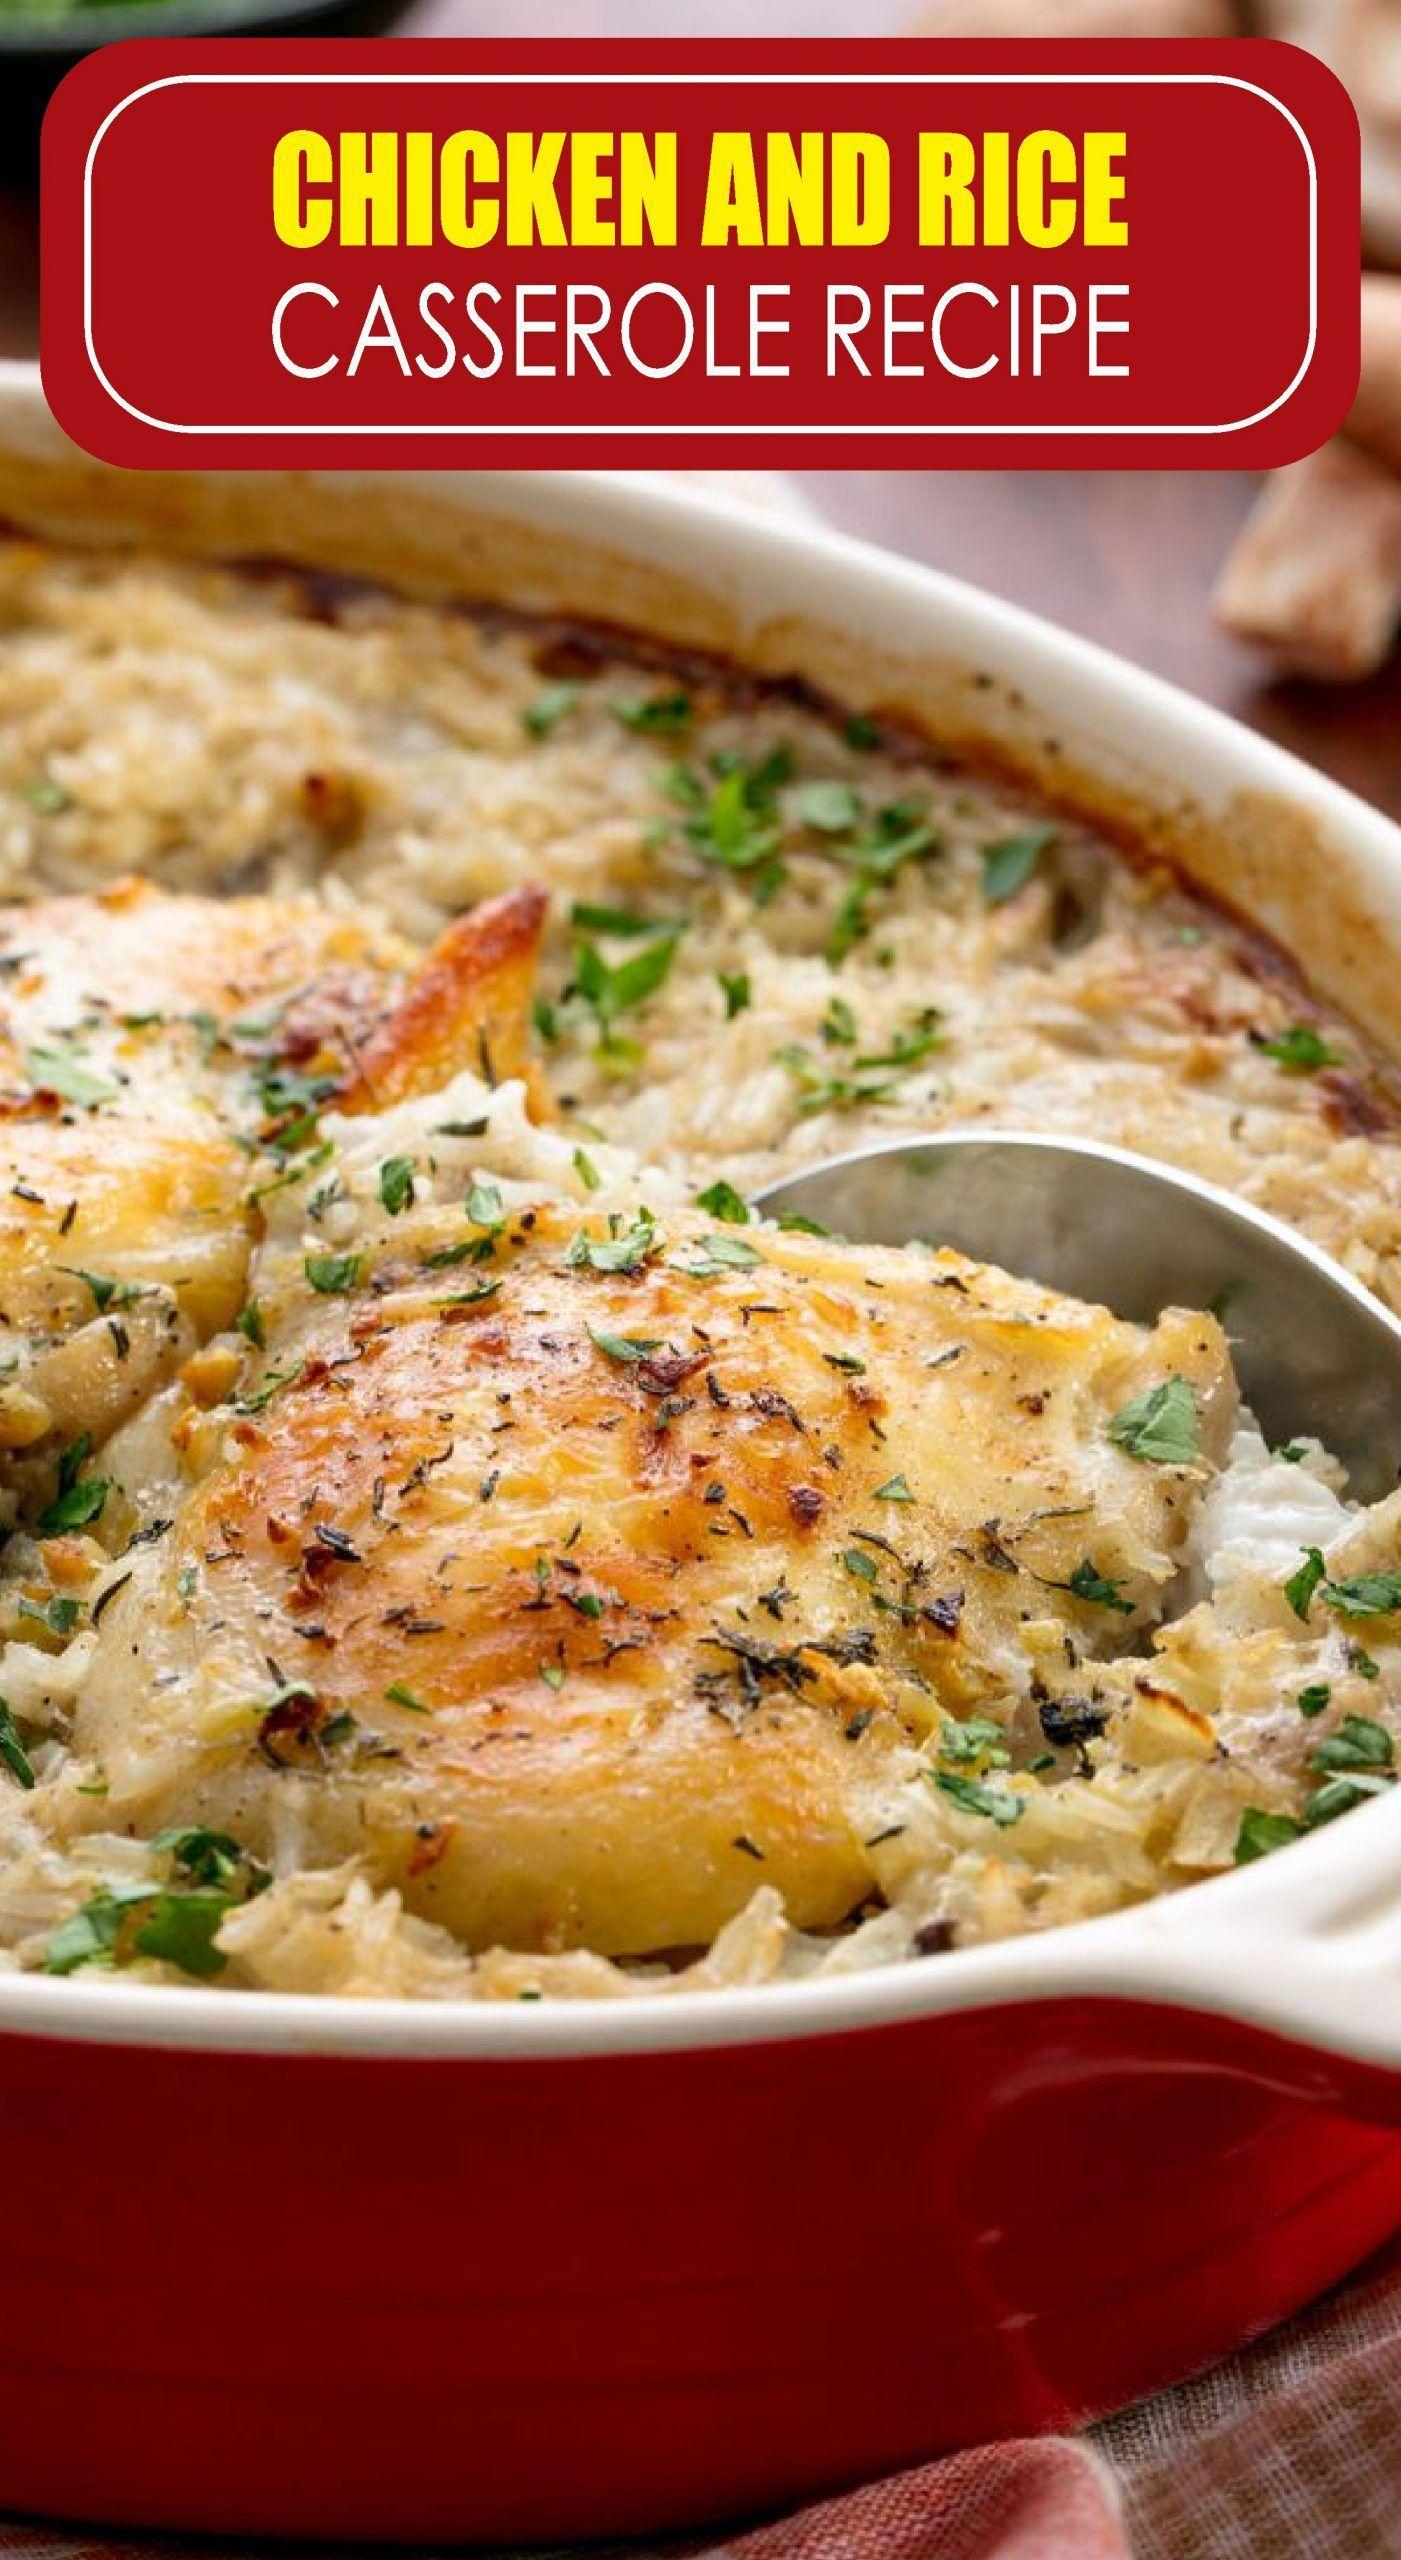 Chicken And Rice Casserole Recipe Rice Recipes Casserole Recipes Rice Casserole Recipes Chicken Recipes Casserole